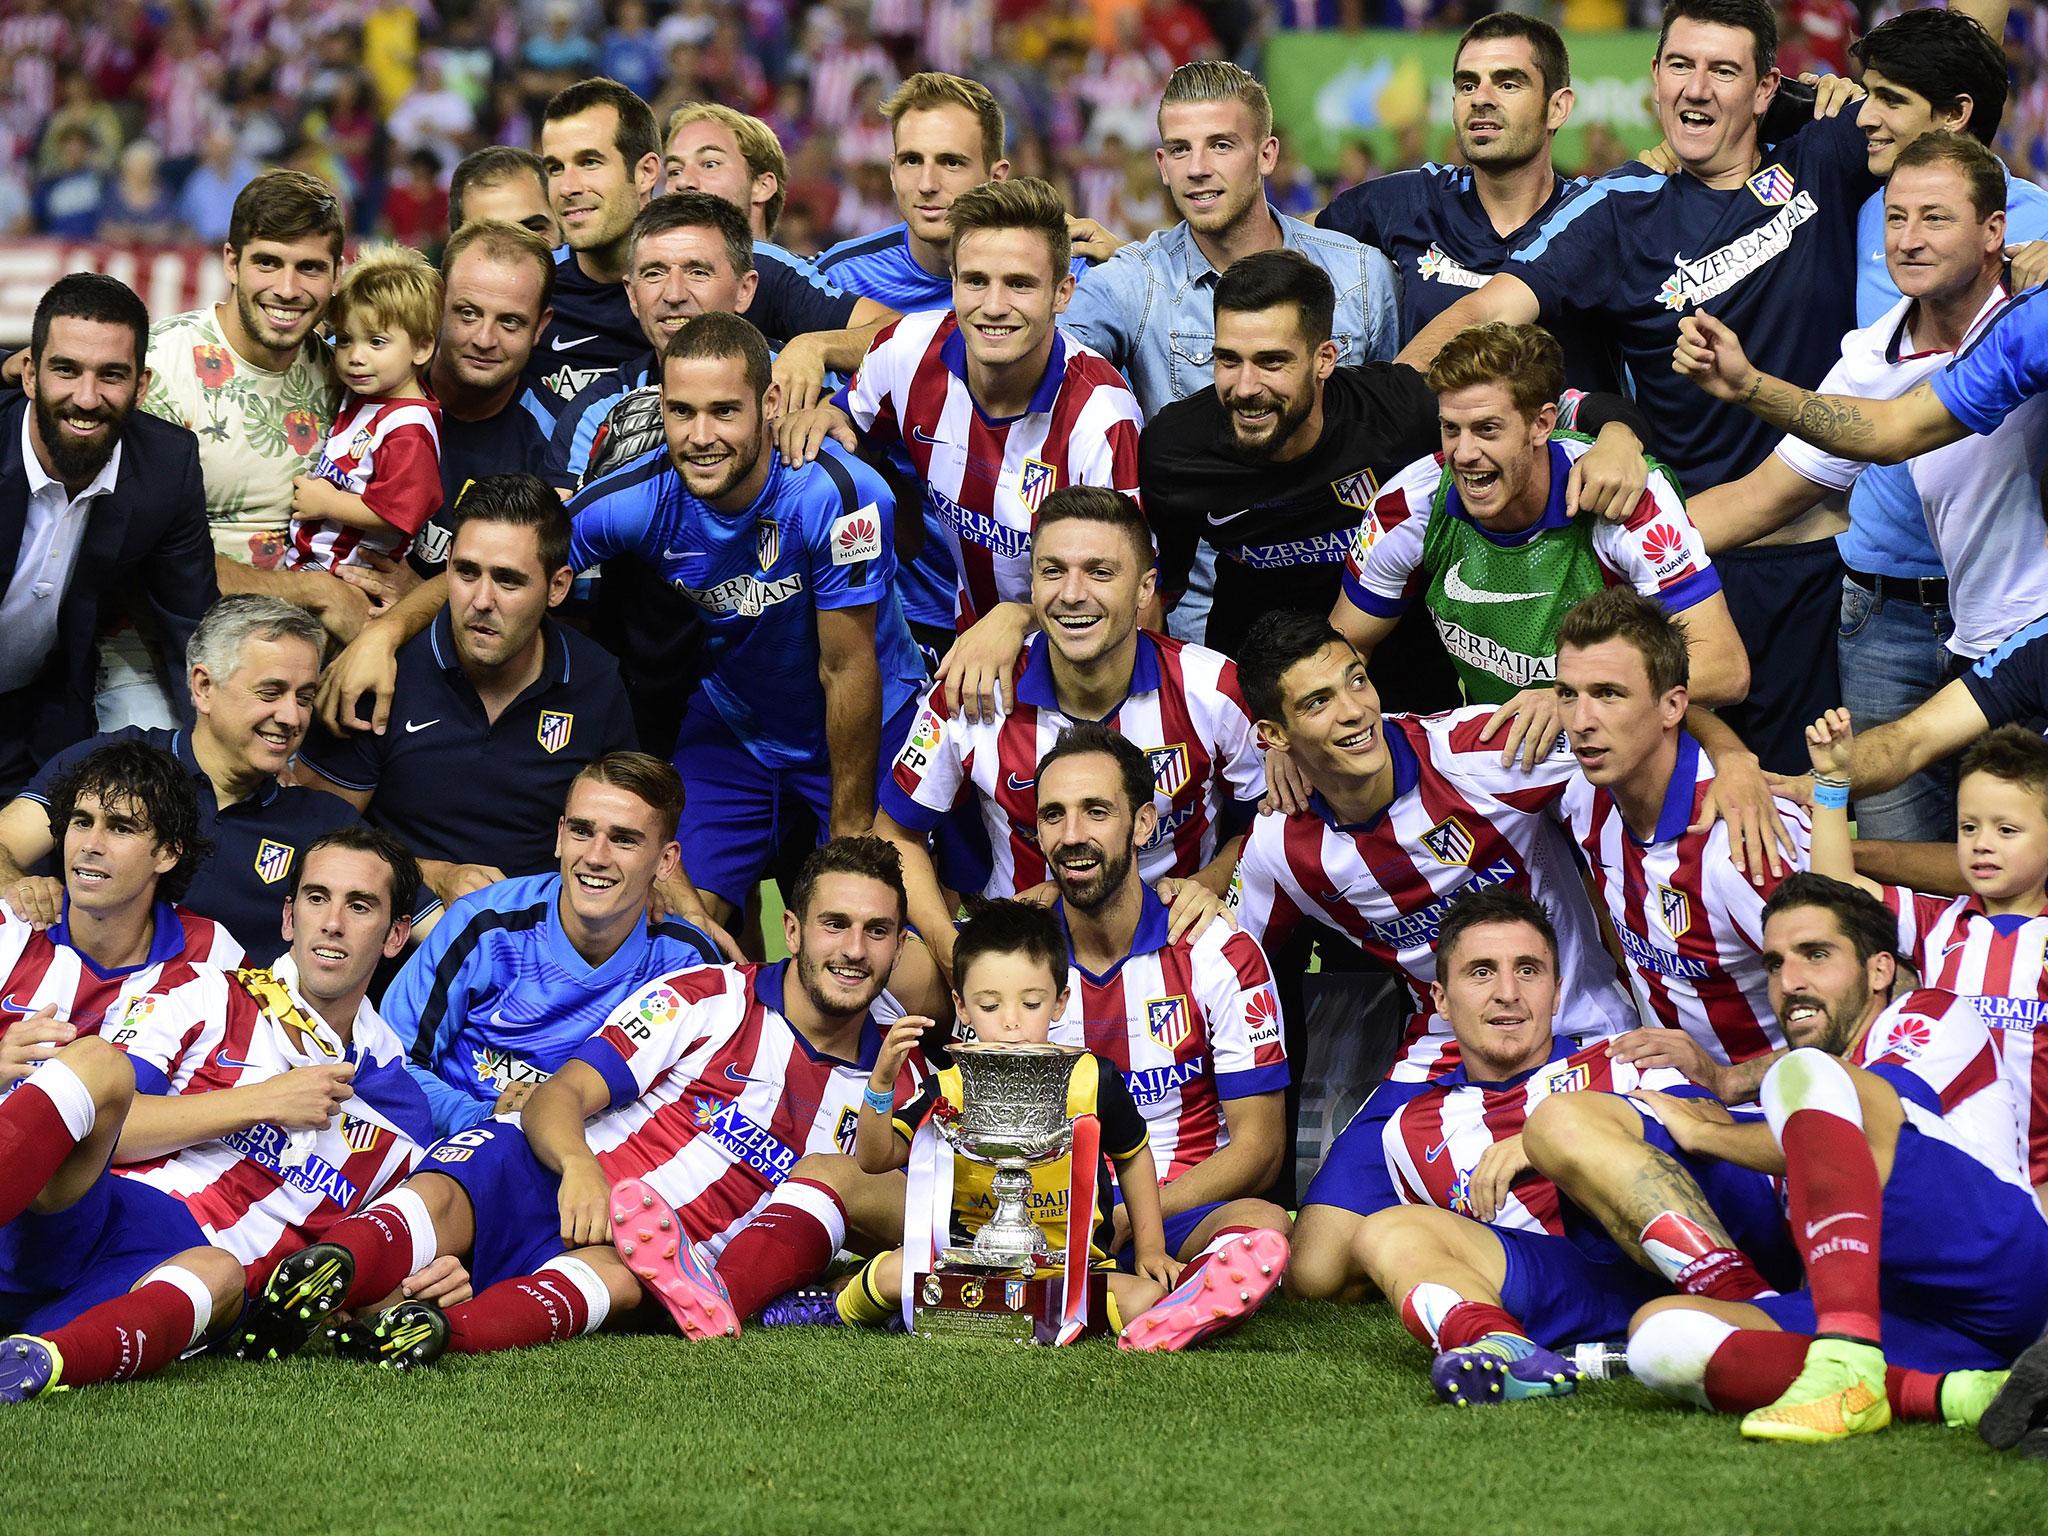 Il était une fois l'Atlético de Madrid